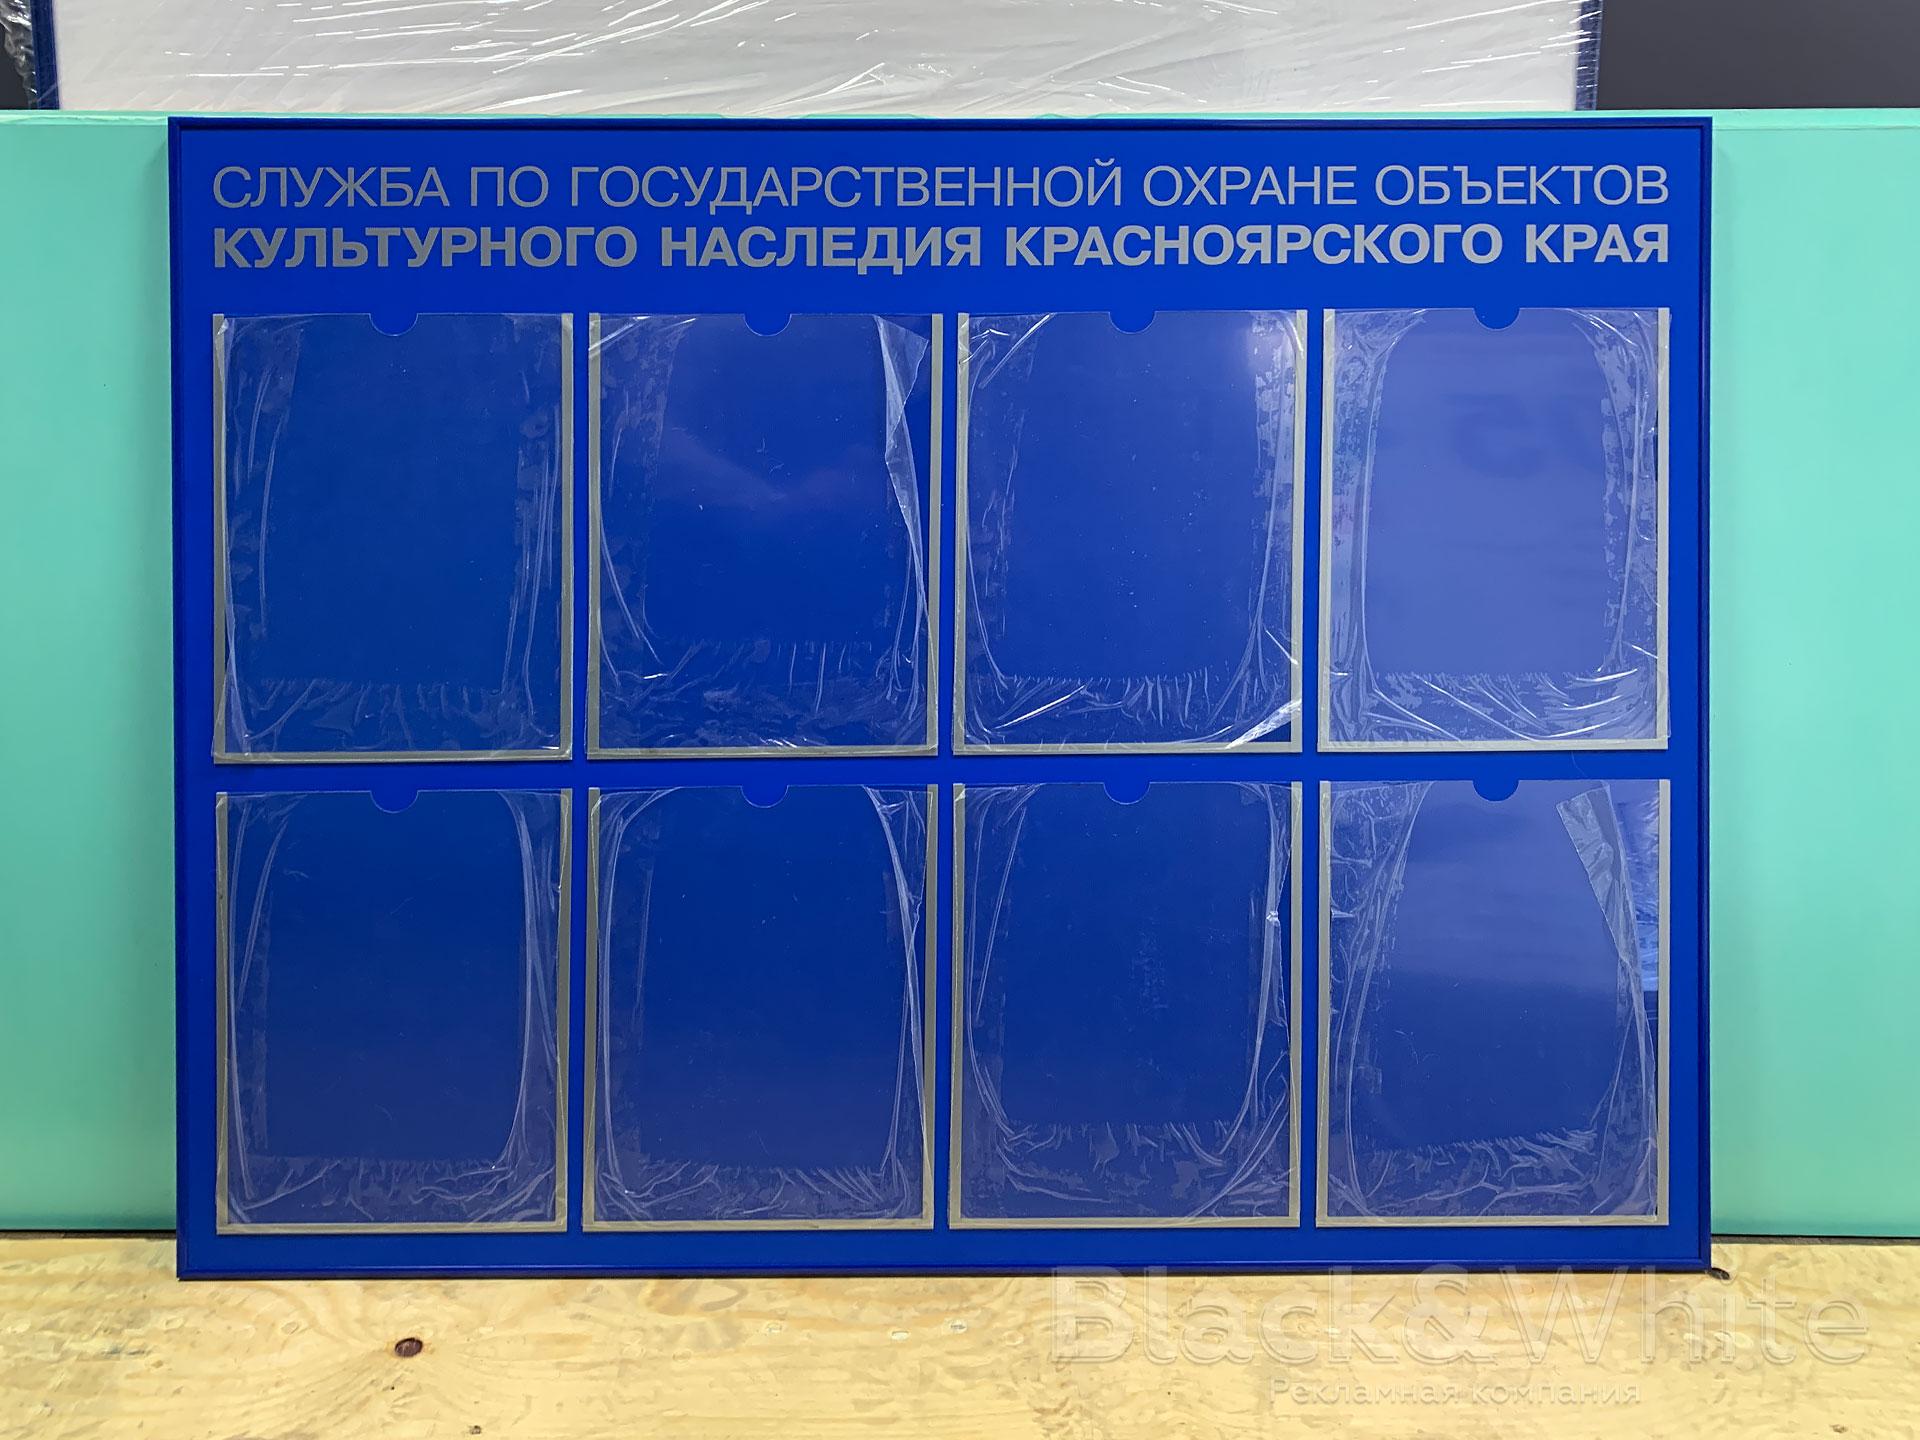 Информационный-стенд-из-ПВХ-в-Красноярске-с-рамкой.jpg